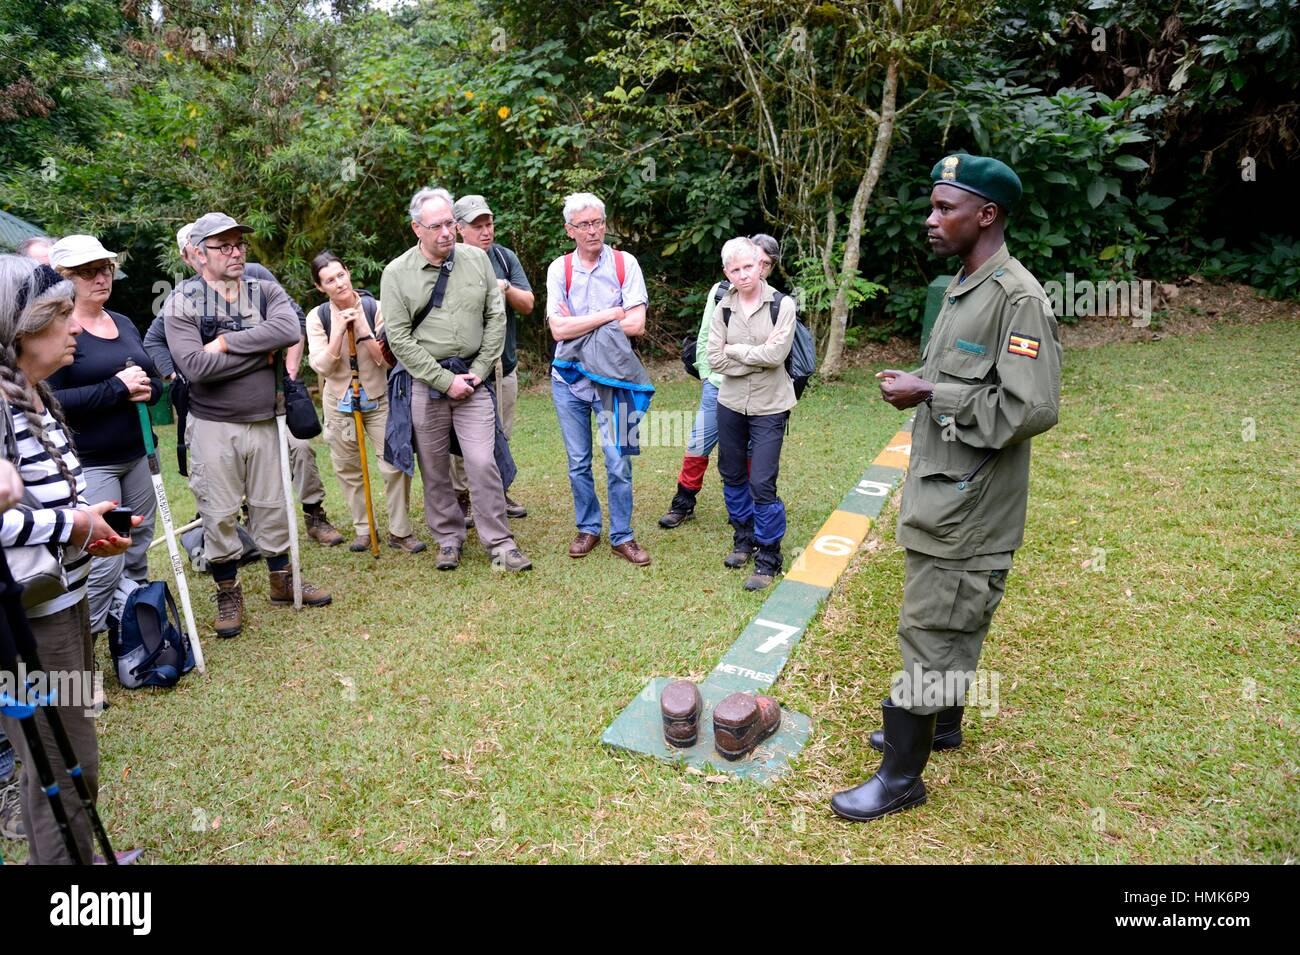 Guida per spiegare i 7 metri di distanza il regolamento regola per turisti, Foresta impenetrabile di Bwindi, Uganda, Immagini Stock